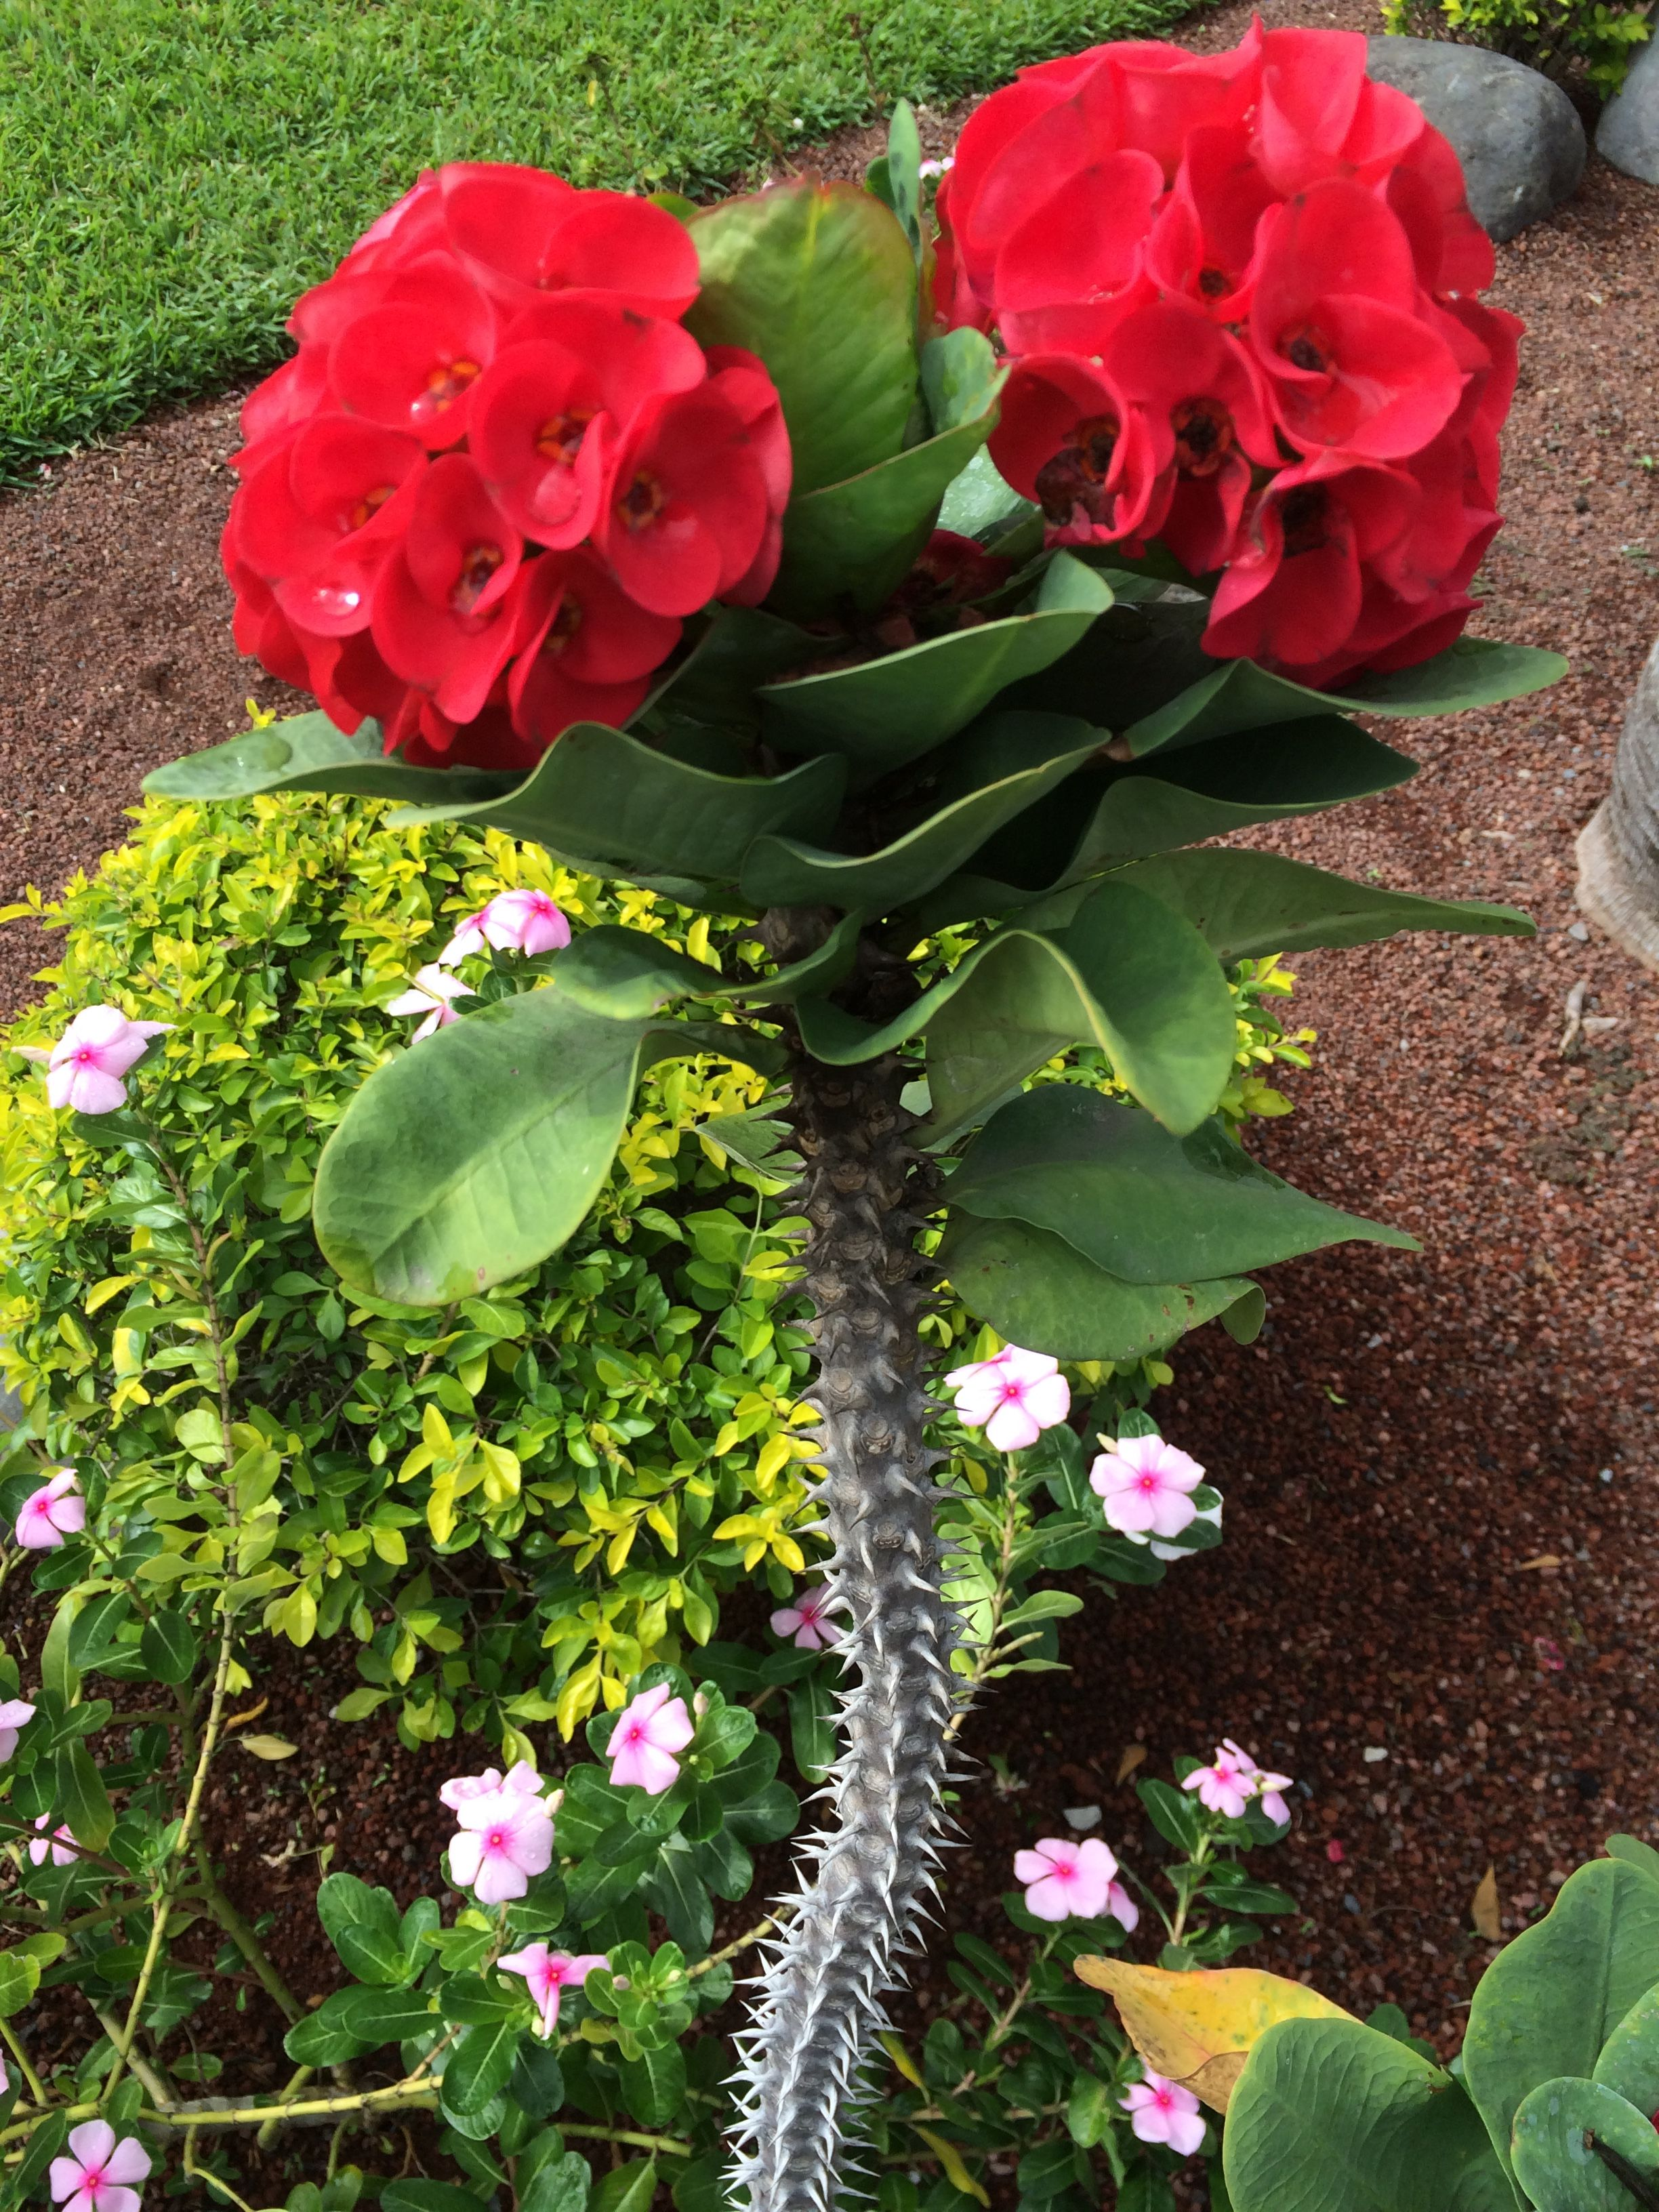 Bonito Productos Para Las Uñas De Flores Silvestres Bandera - Ideas ...